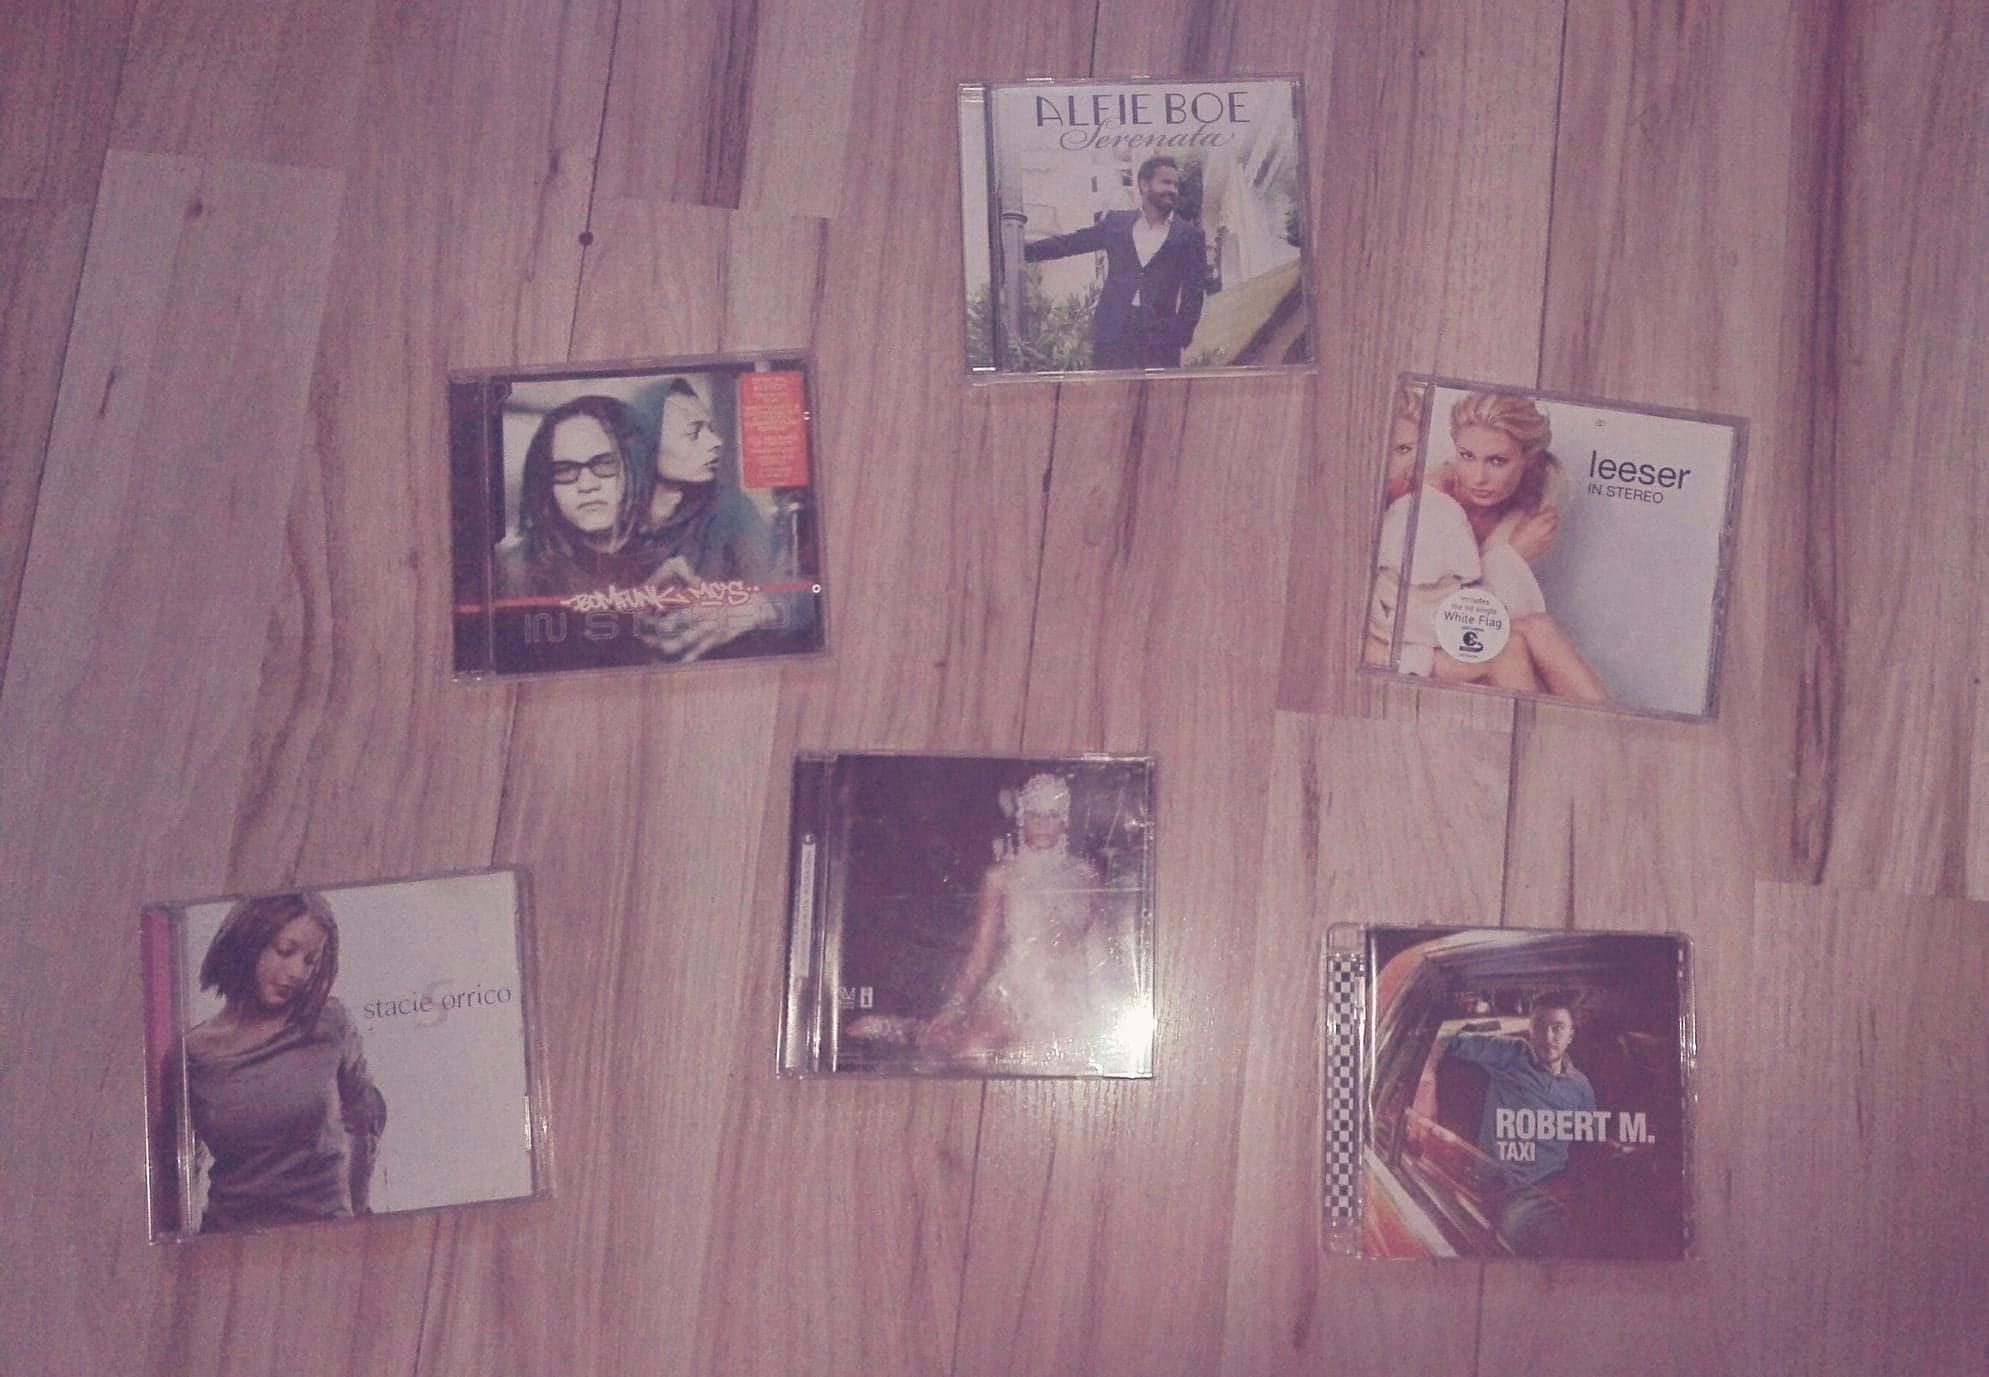 Zestaw extra płyt CD - pop, dj, klasyka, electro